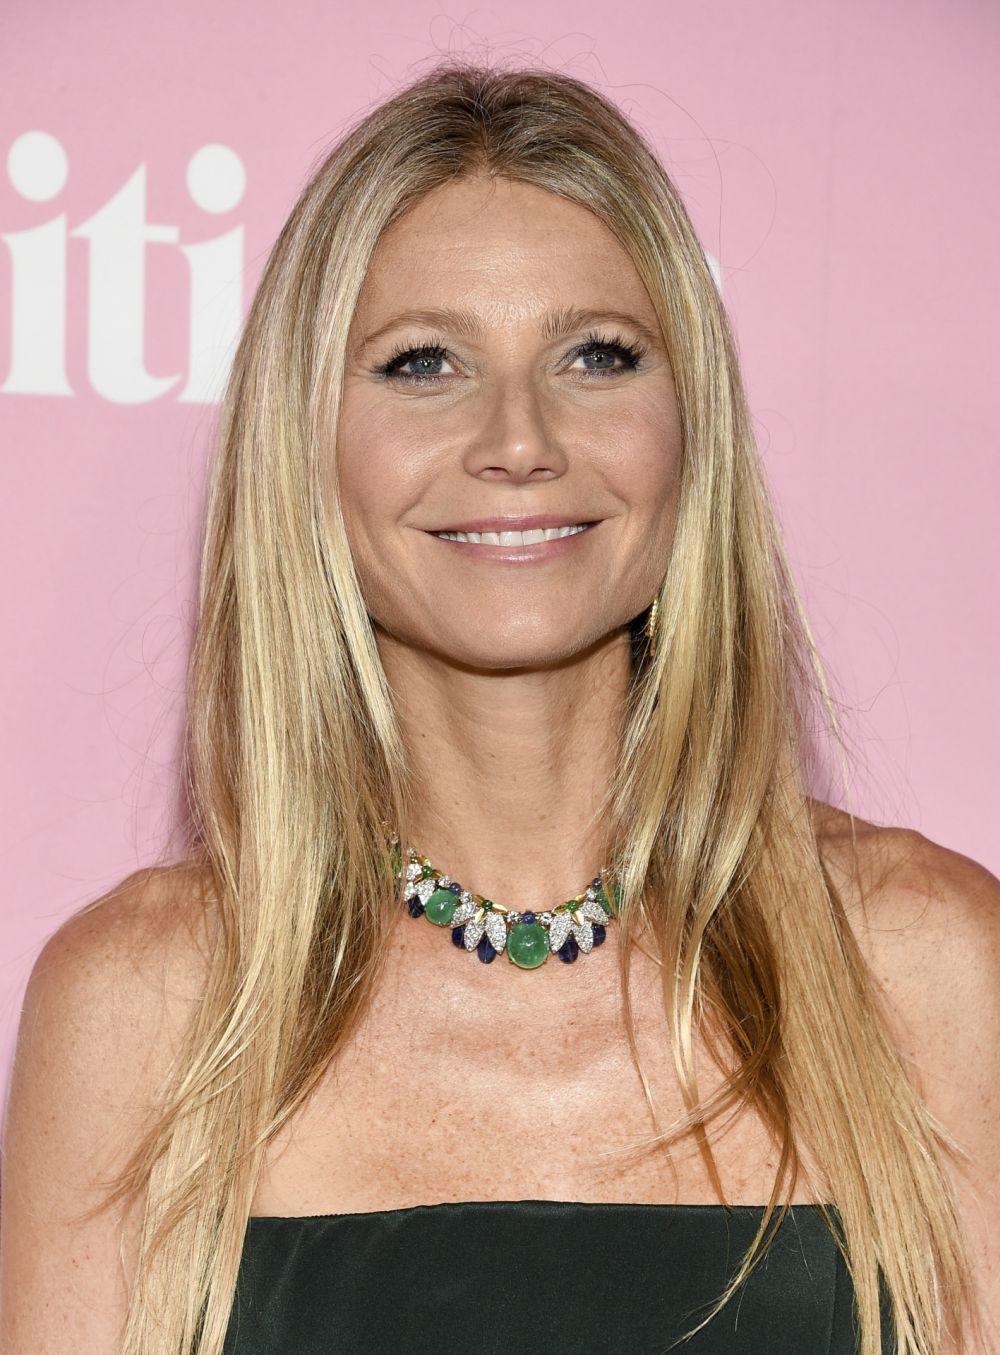 Cuanto más fuerte es el escándalo de Gwyneth Paltrow a propósito de...